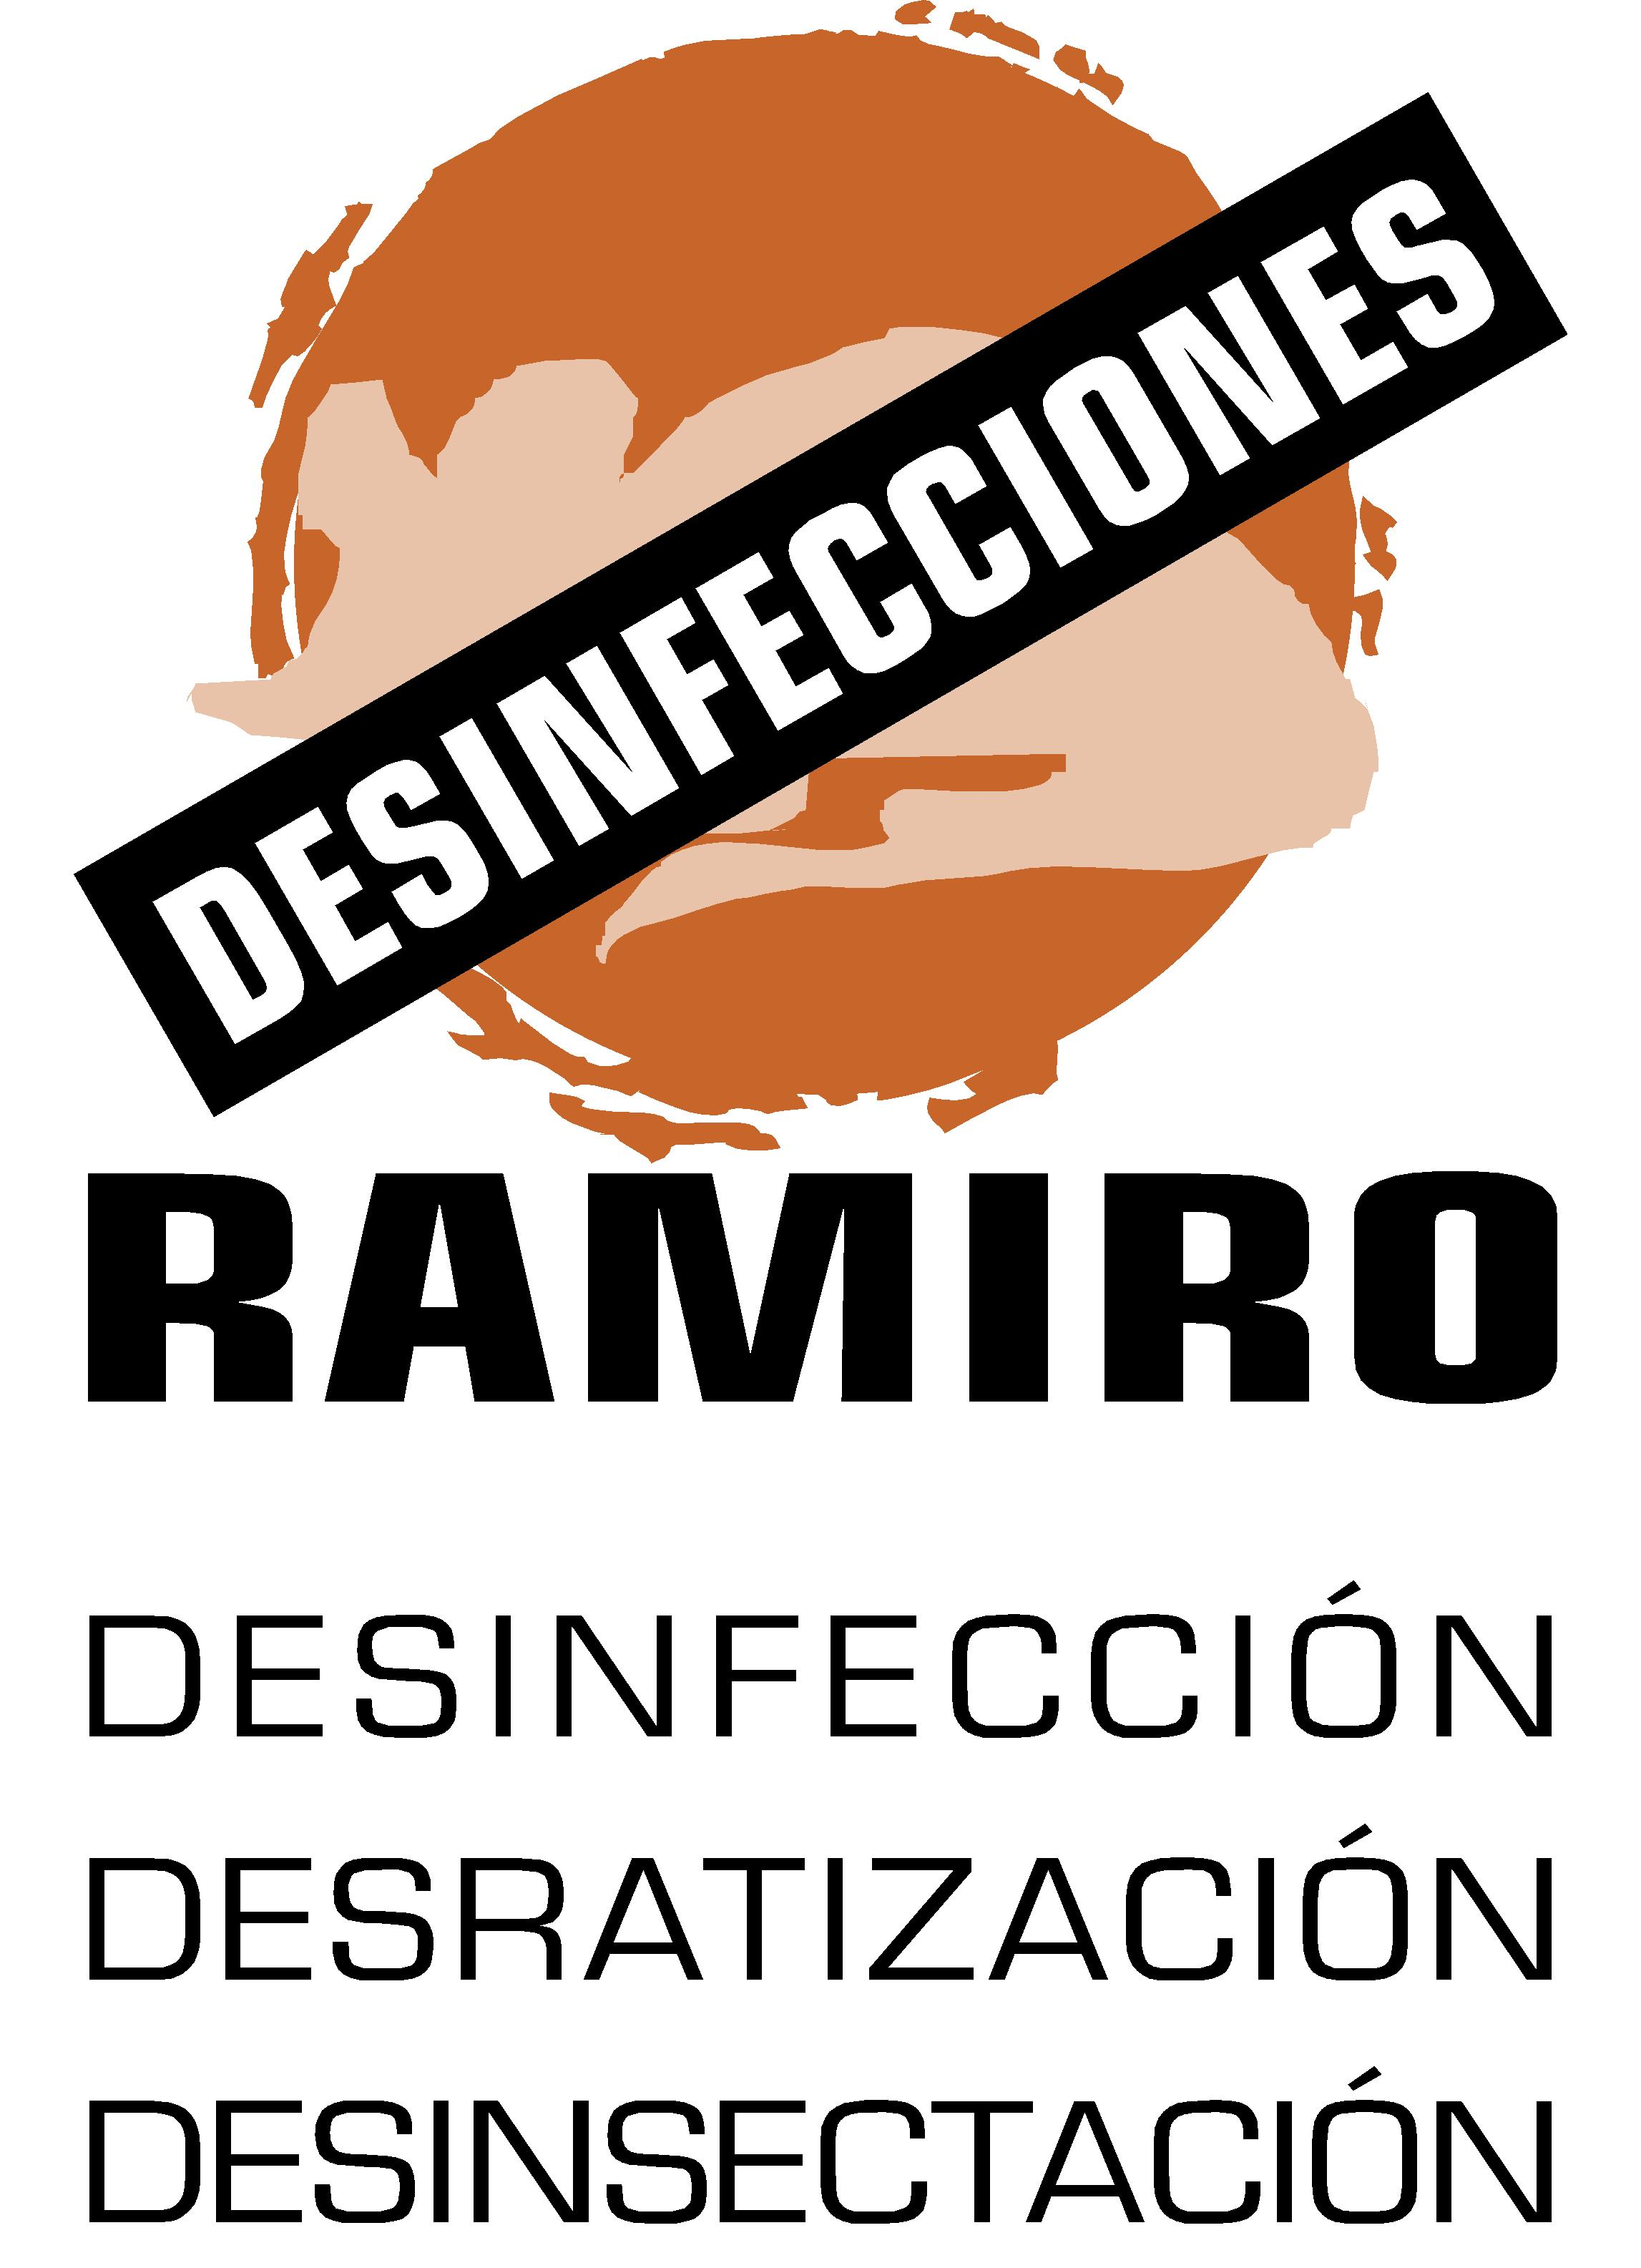 Desinfecciones Ramiro